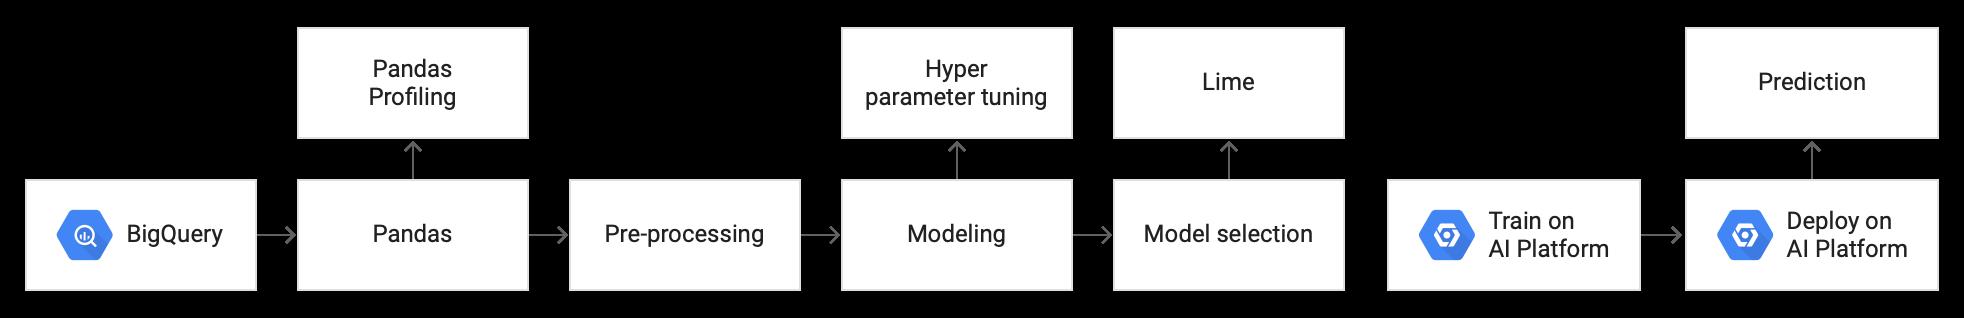 このチュートリアルで使用する機械学習モデルのアーキテクチャを表す図。